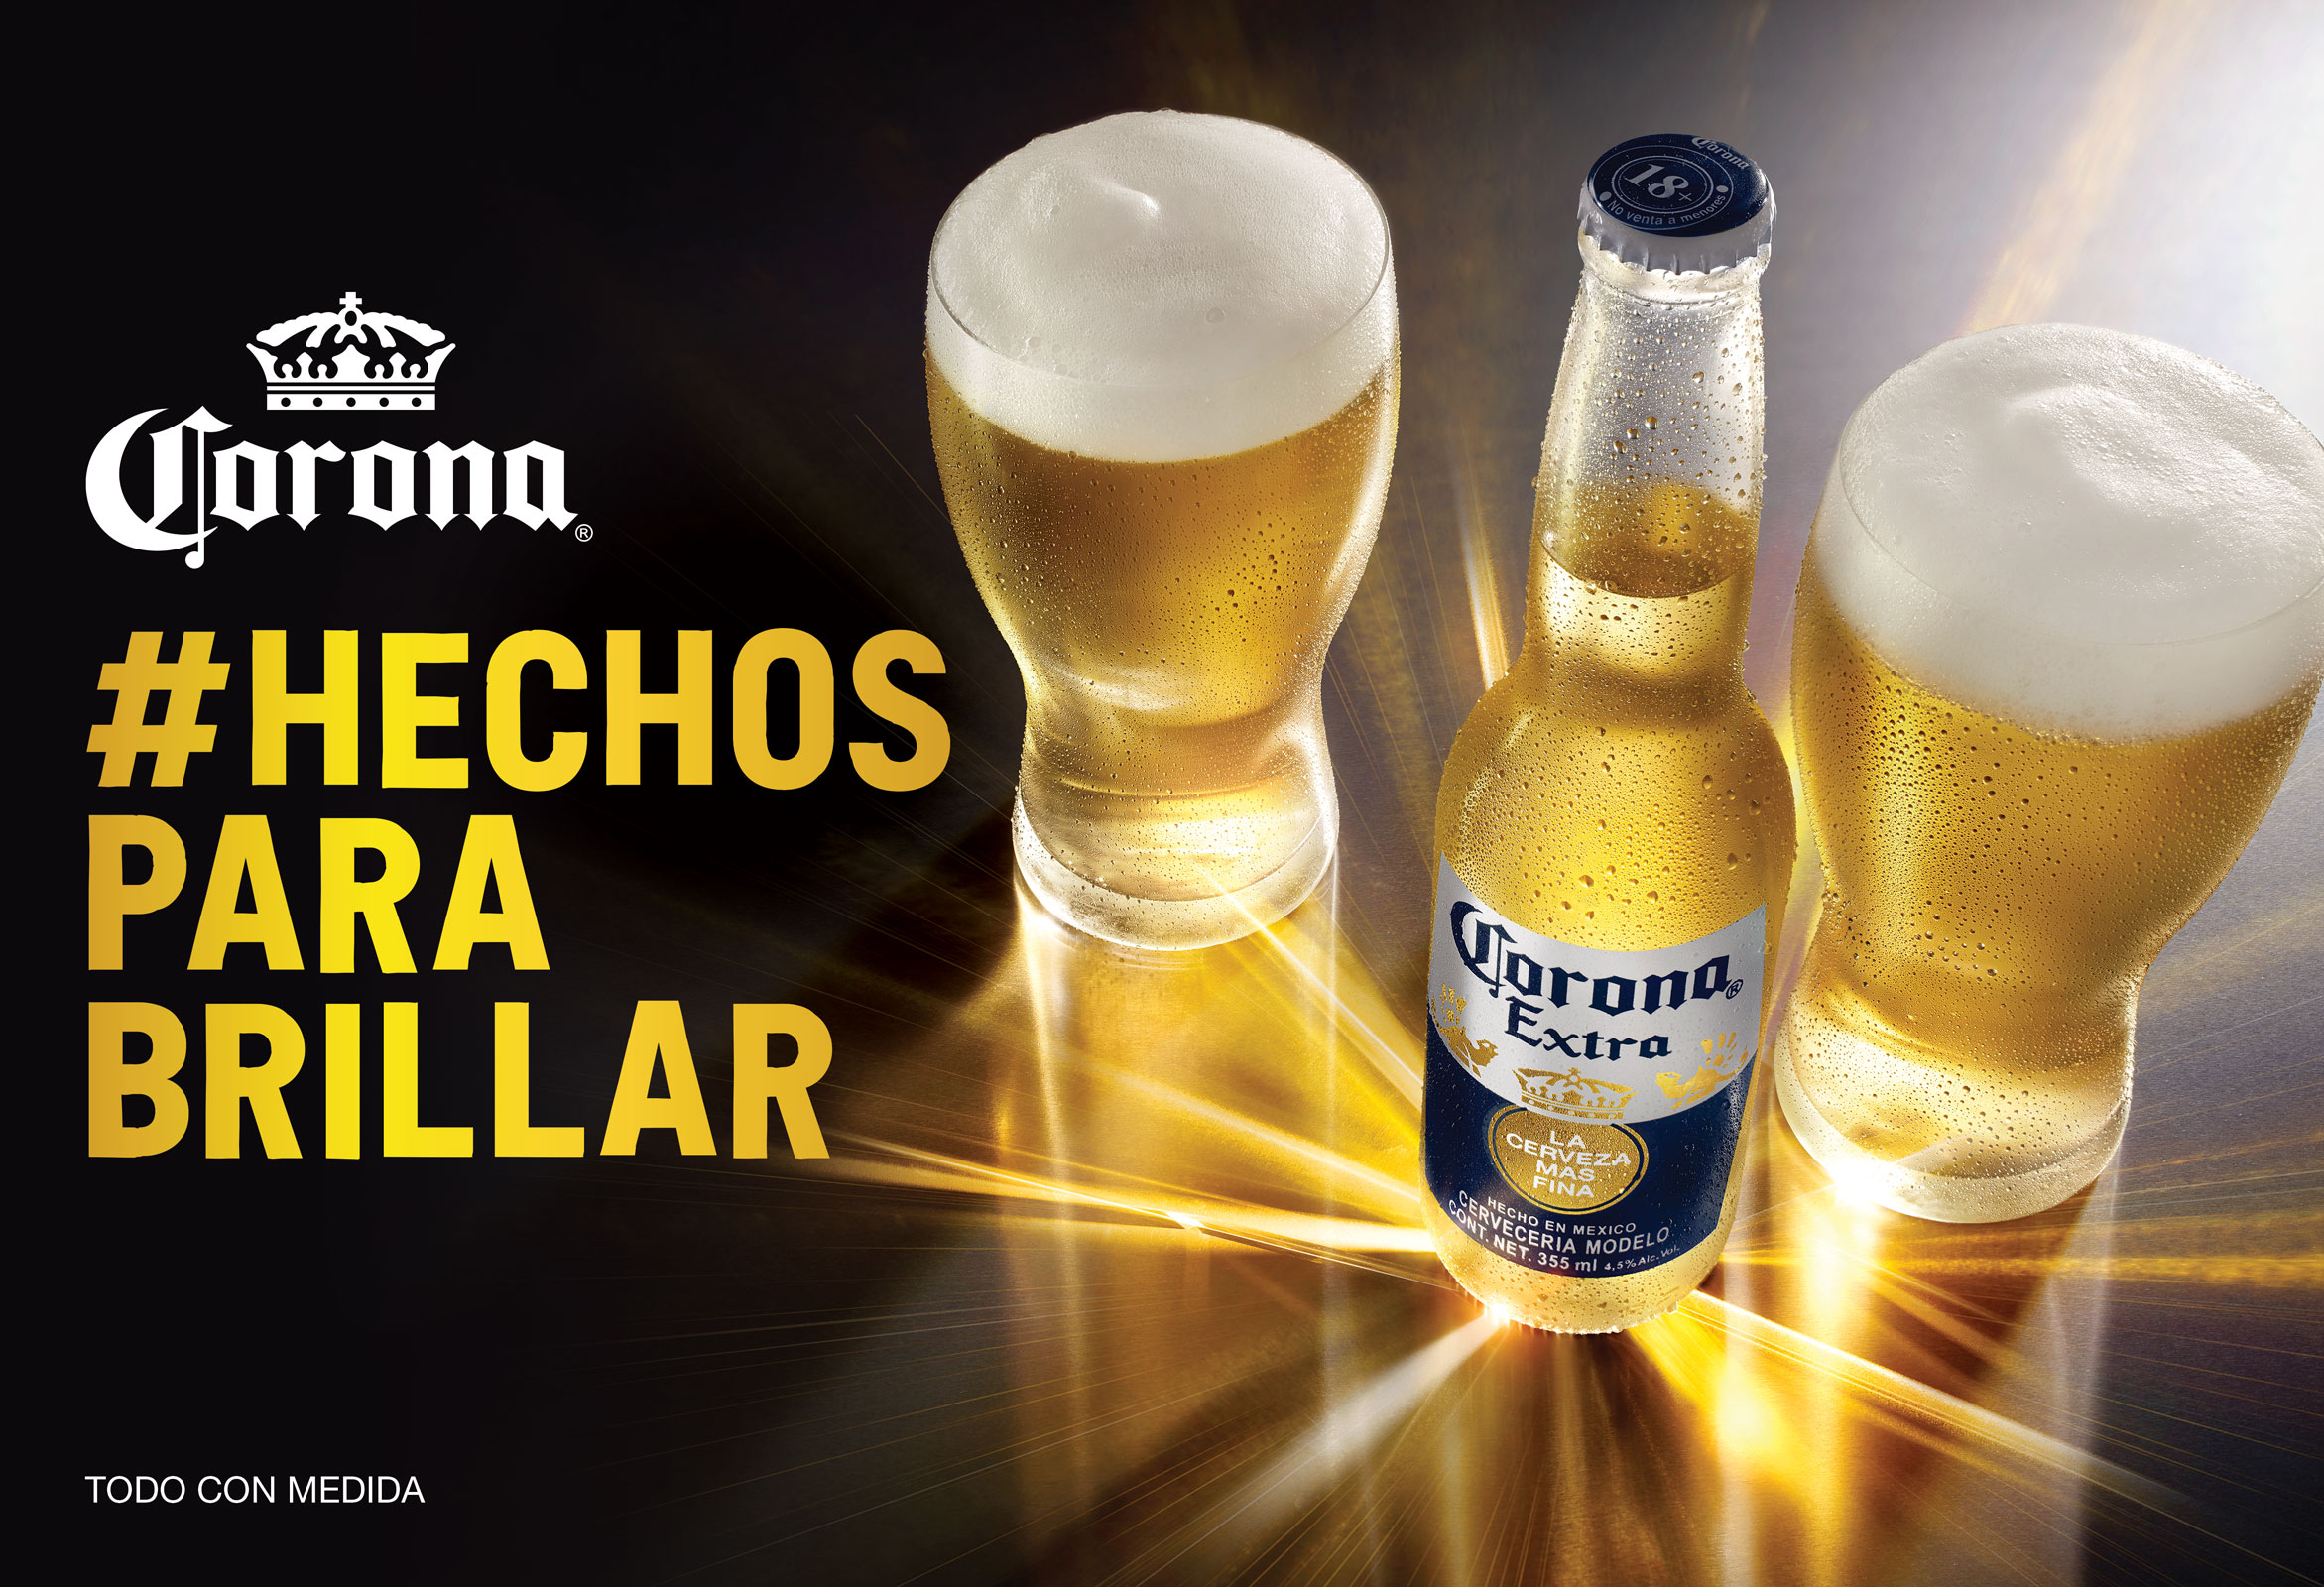 Brillas de León Larregui en Corona